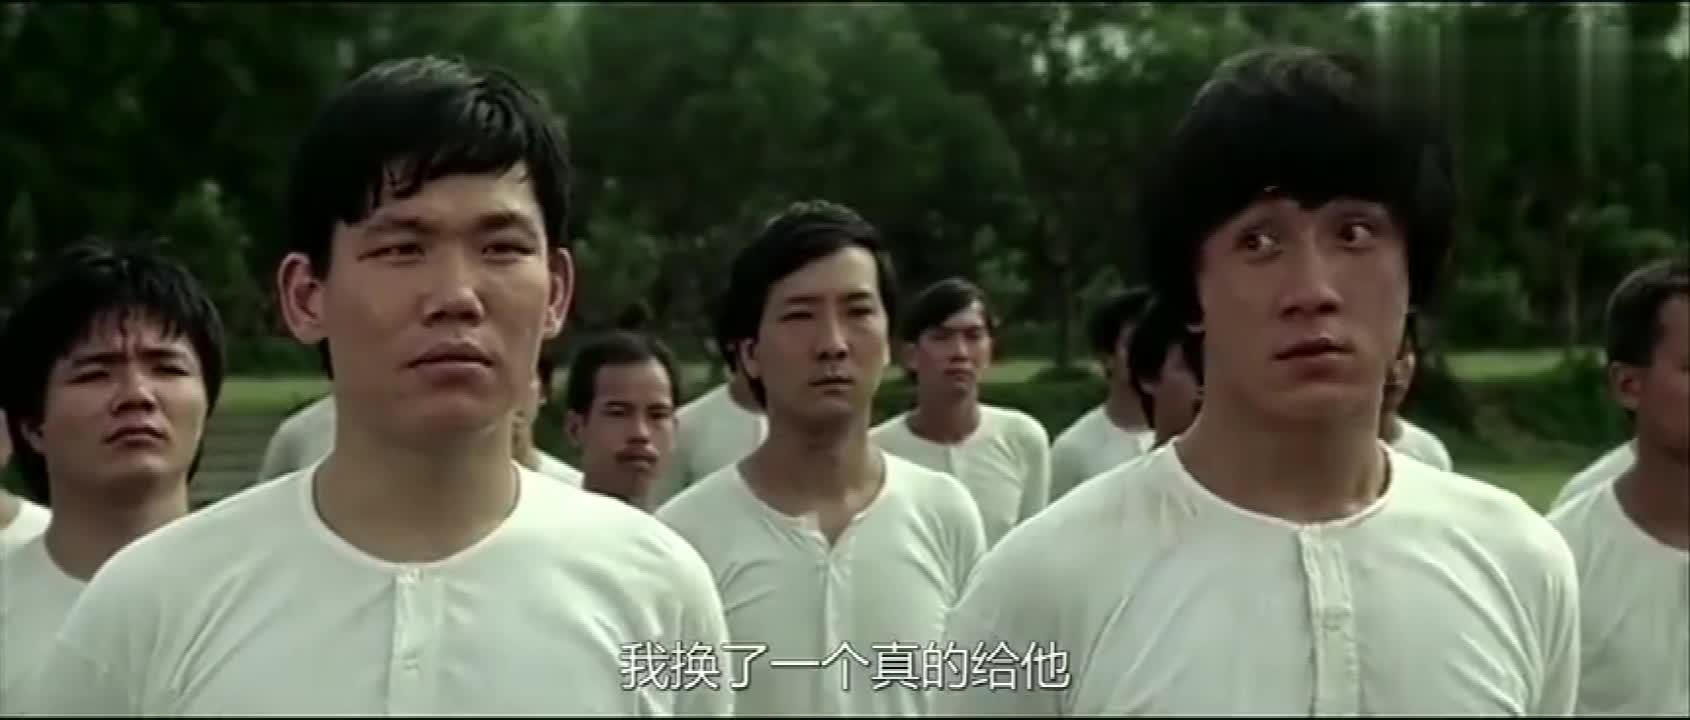 #经典看电影#调皮新兵居然换了个真的手榴弹给长官,太危险了